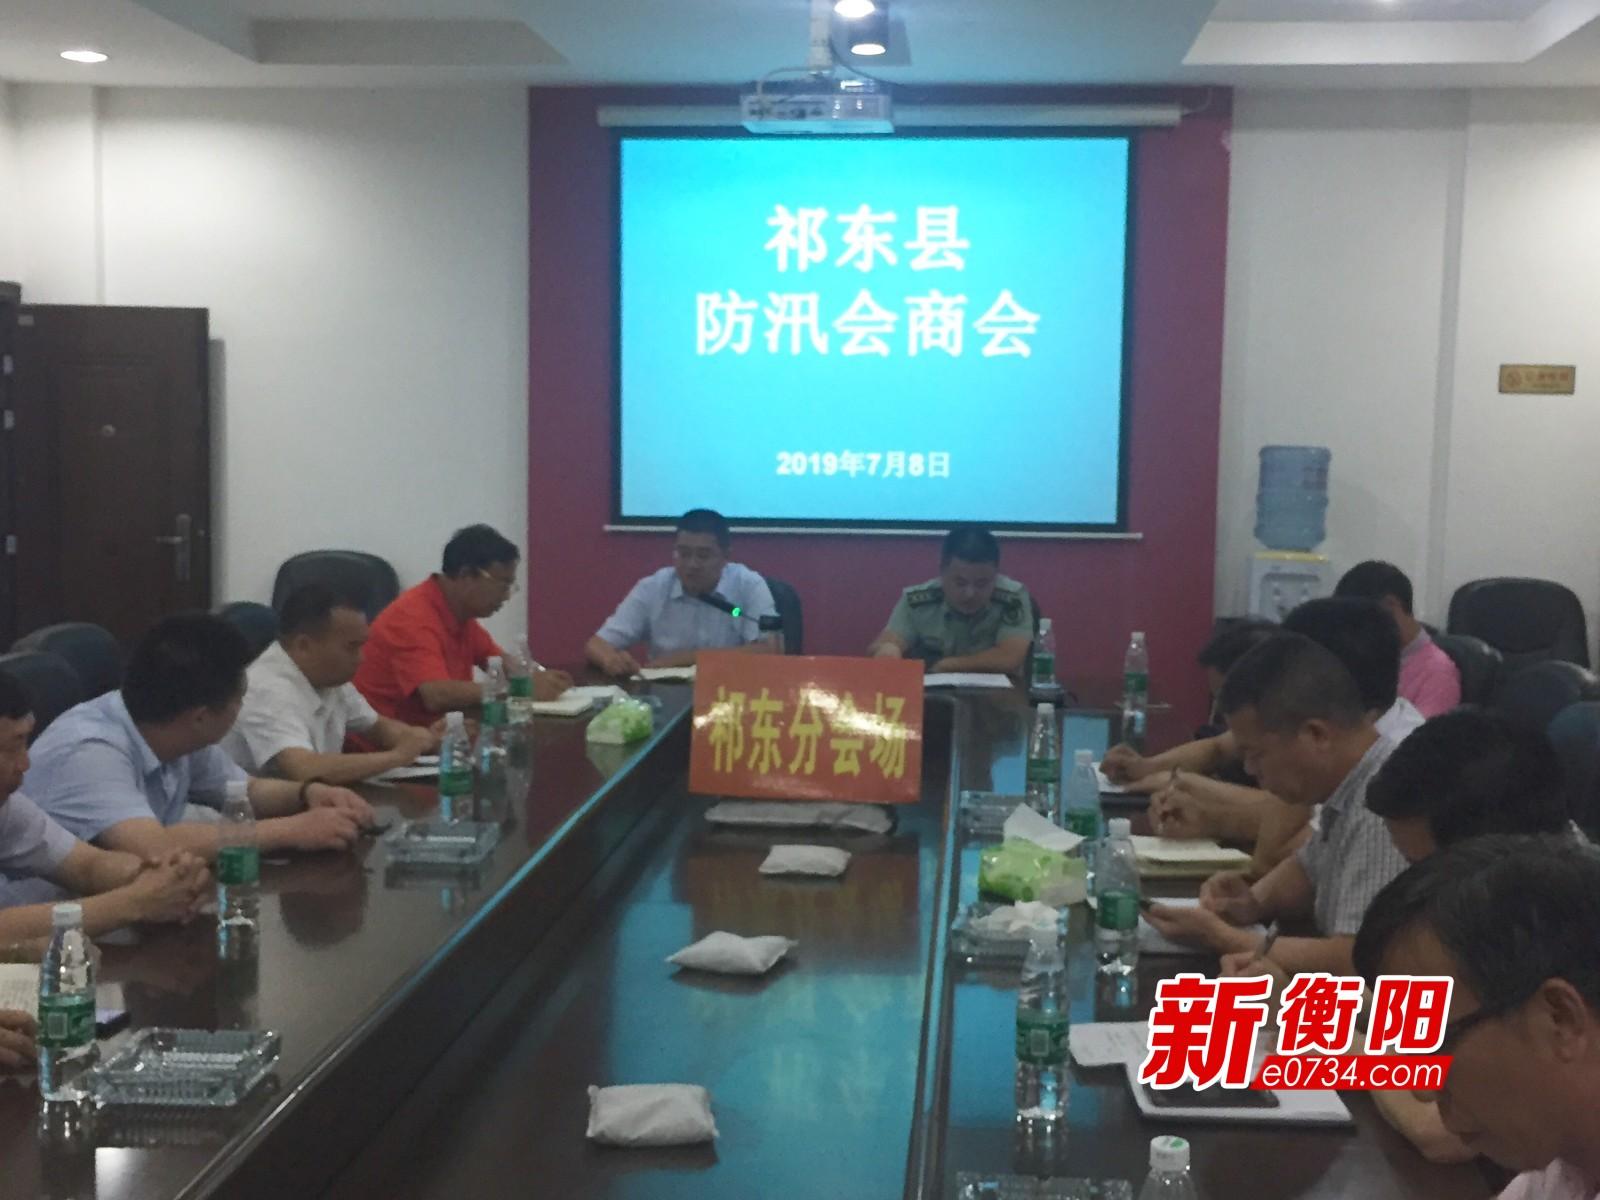 祁东召开防汛会商会 统筹协调全力打好防汛攻坚战